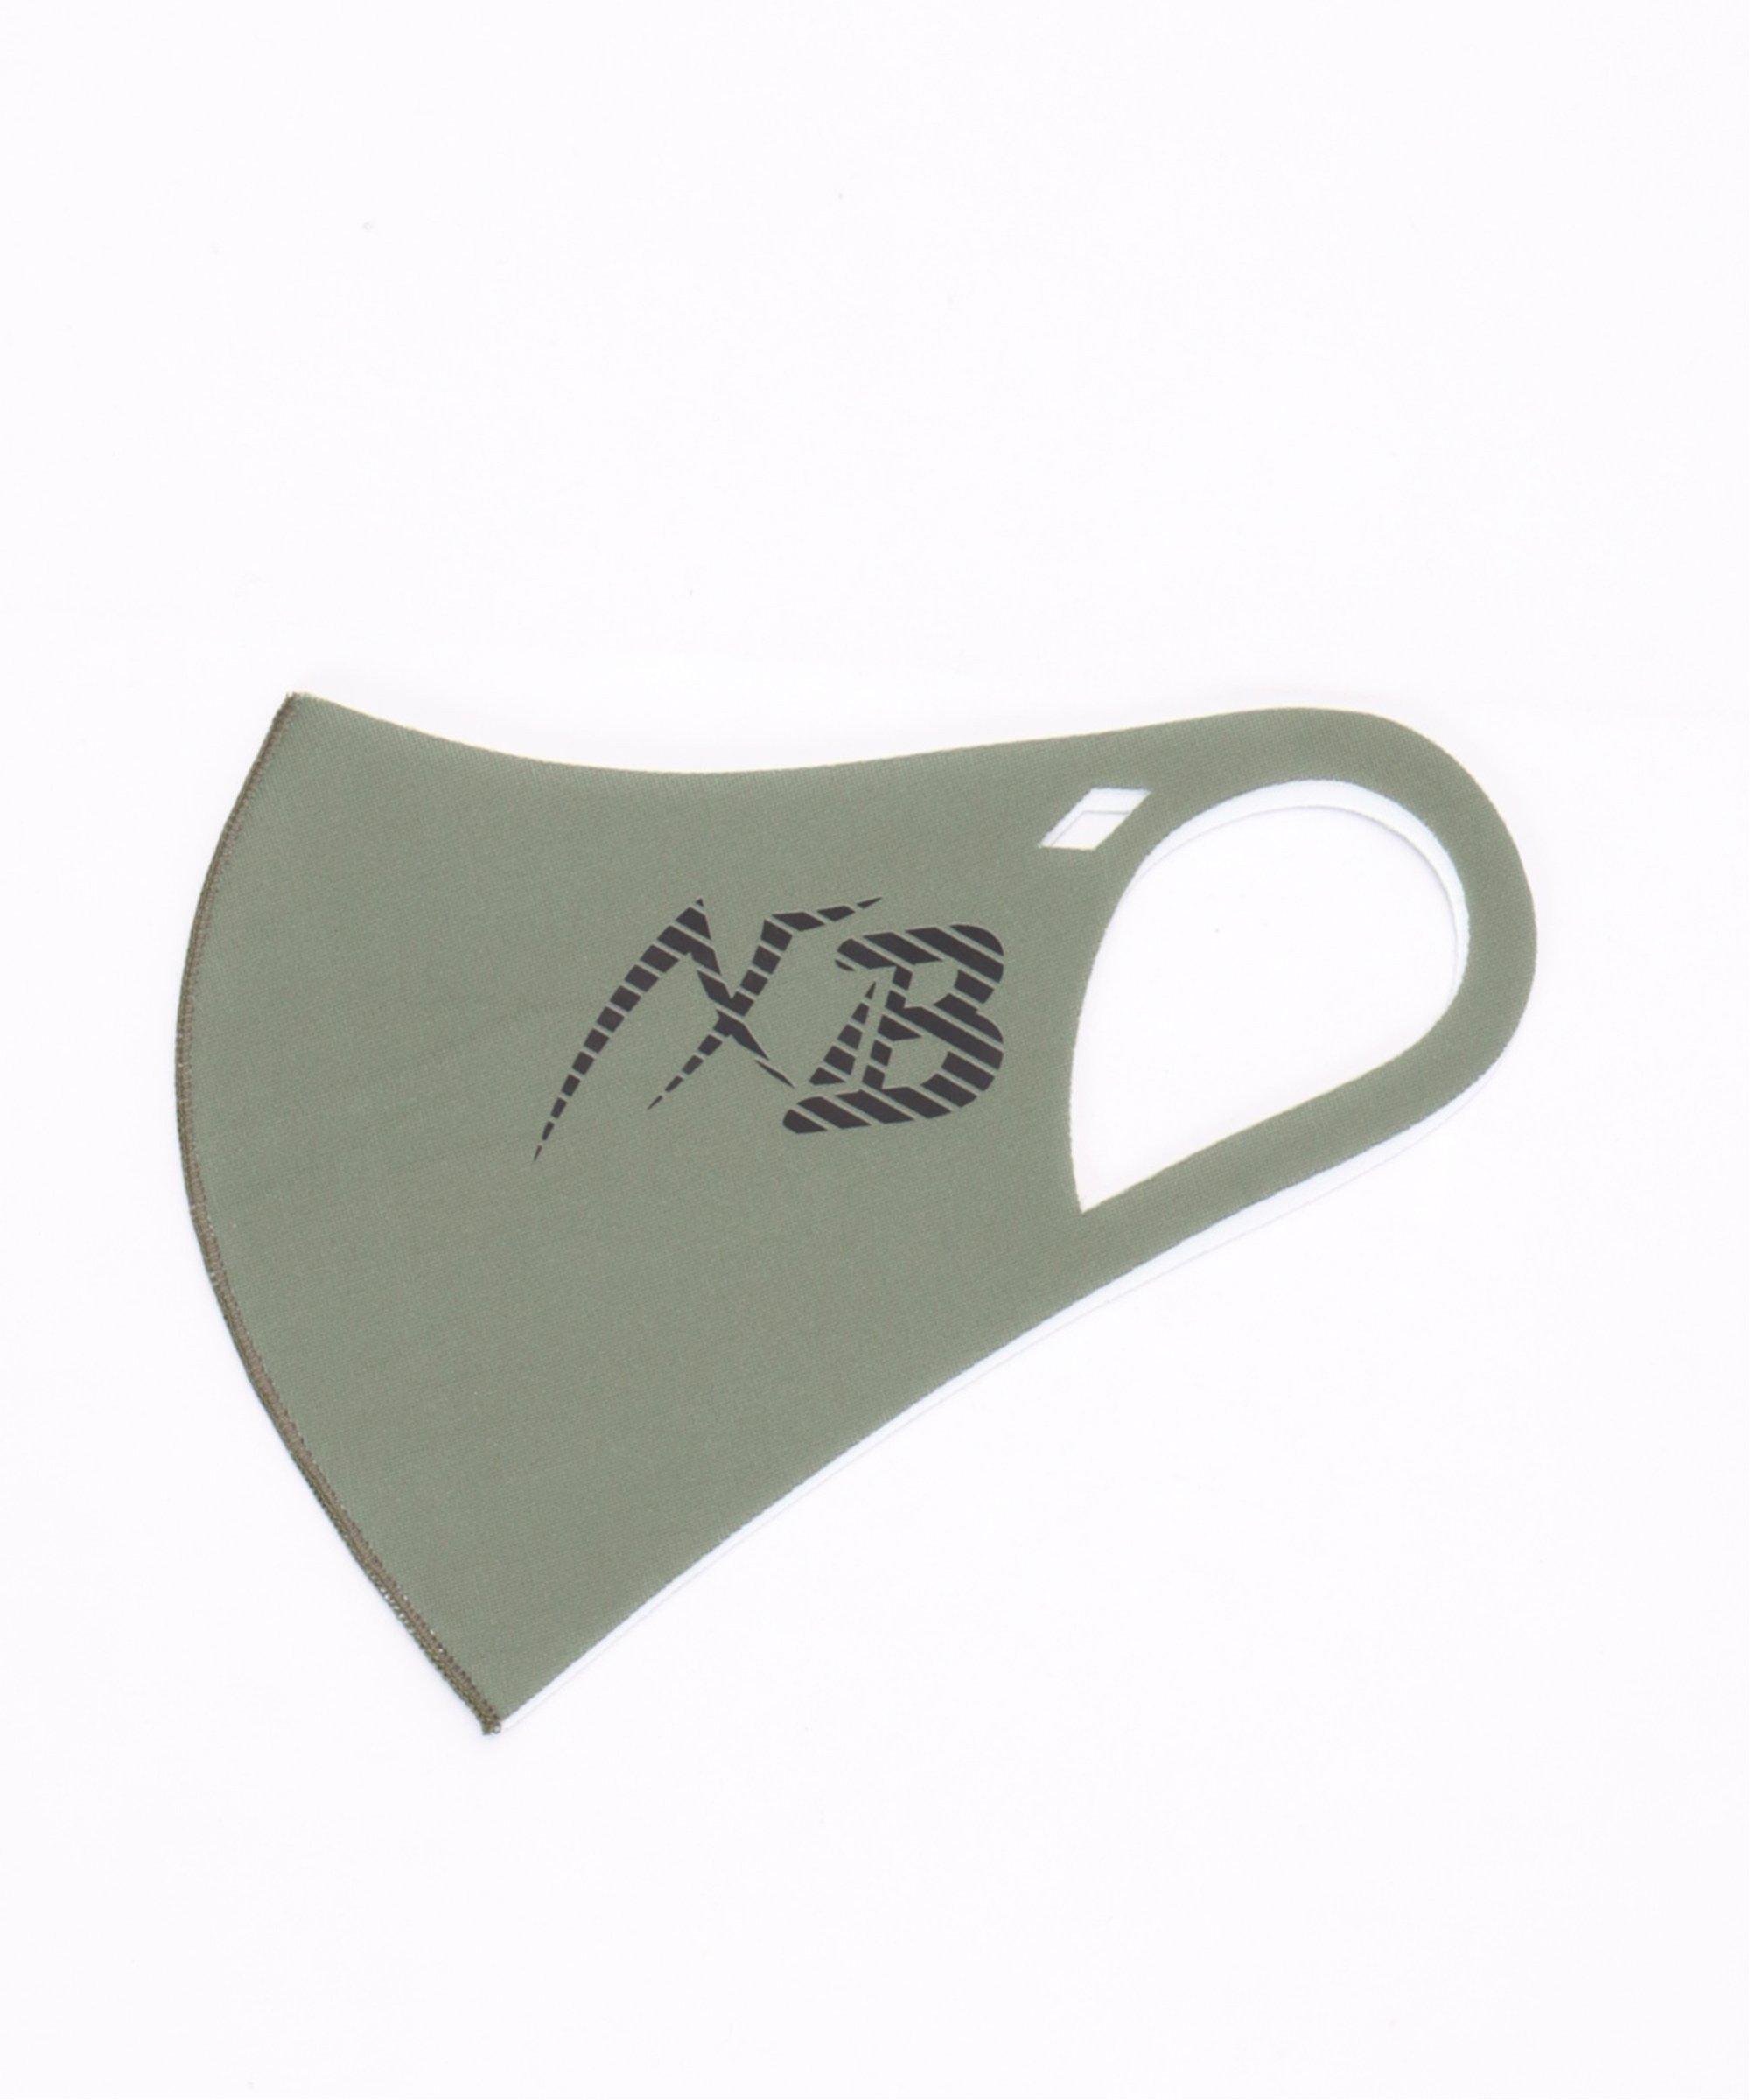 【おとな用】AXF マスク ムジ ビッXBロゴ ダークグリーン